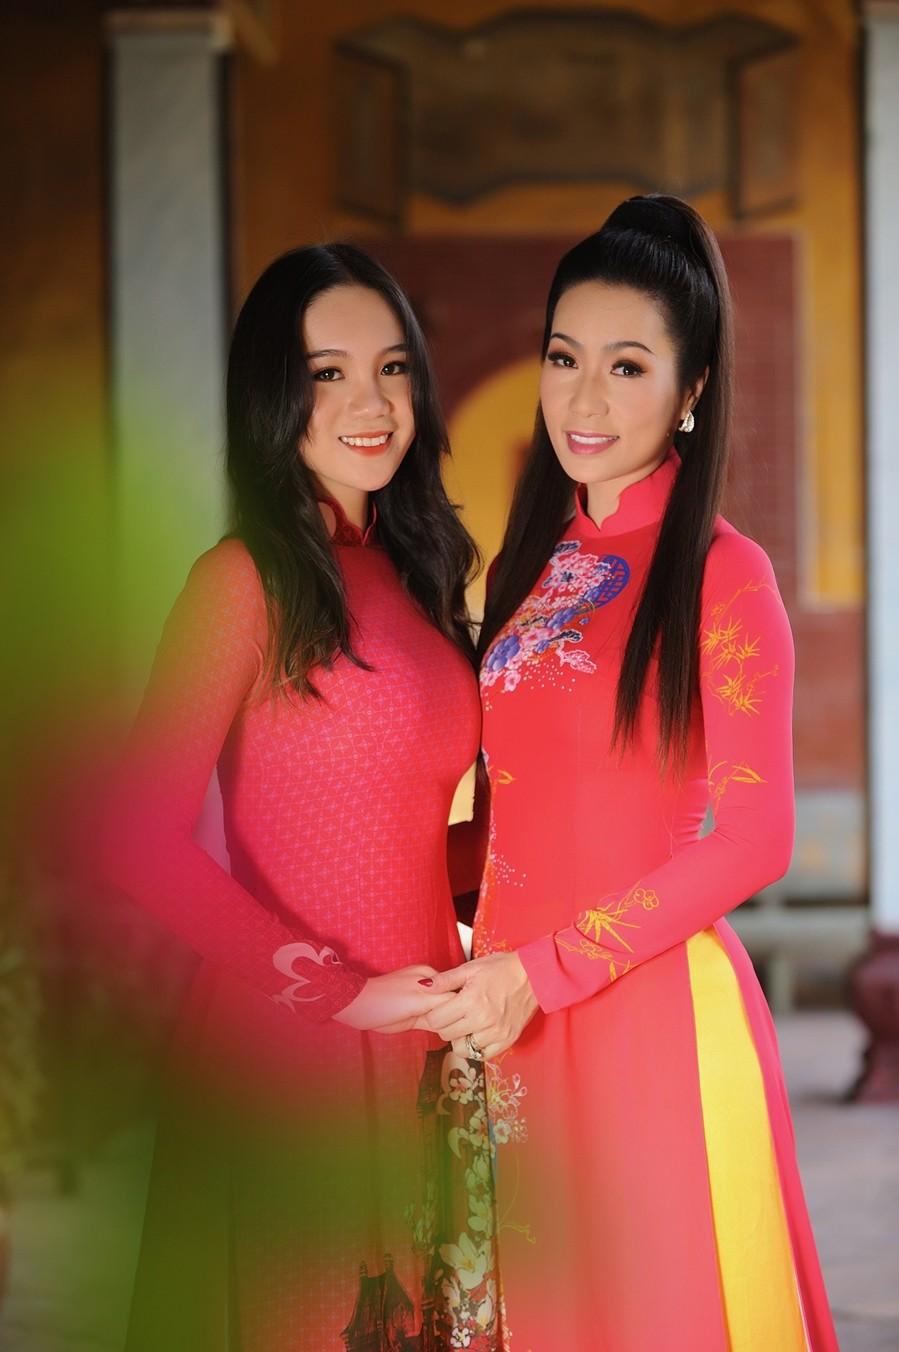 Sự nghiệp đáng nể của những 'Người đẹp ứng xử hay nhất' tại Hoa hậu Việt Nam ảnh 15